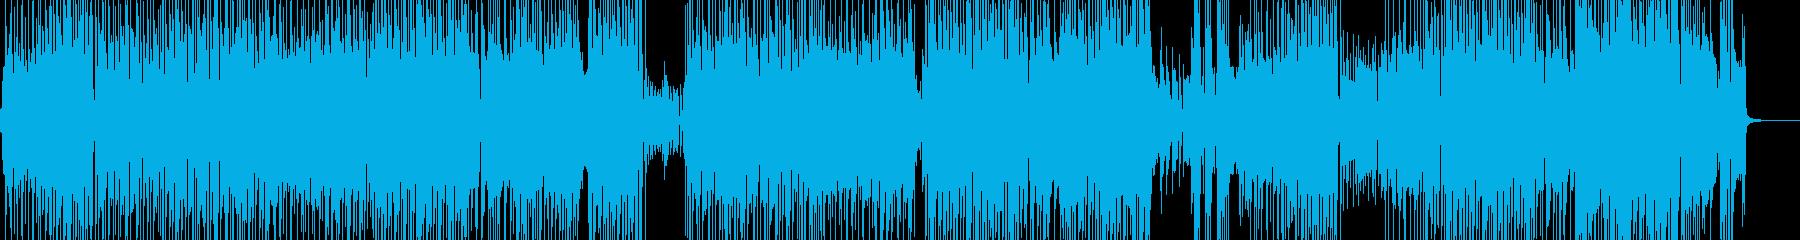 パステル調・ゆるふわメルヘンポップA+★の再生済みの波形